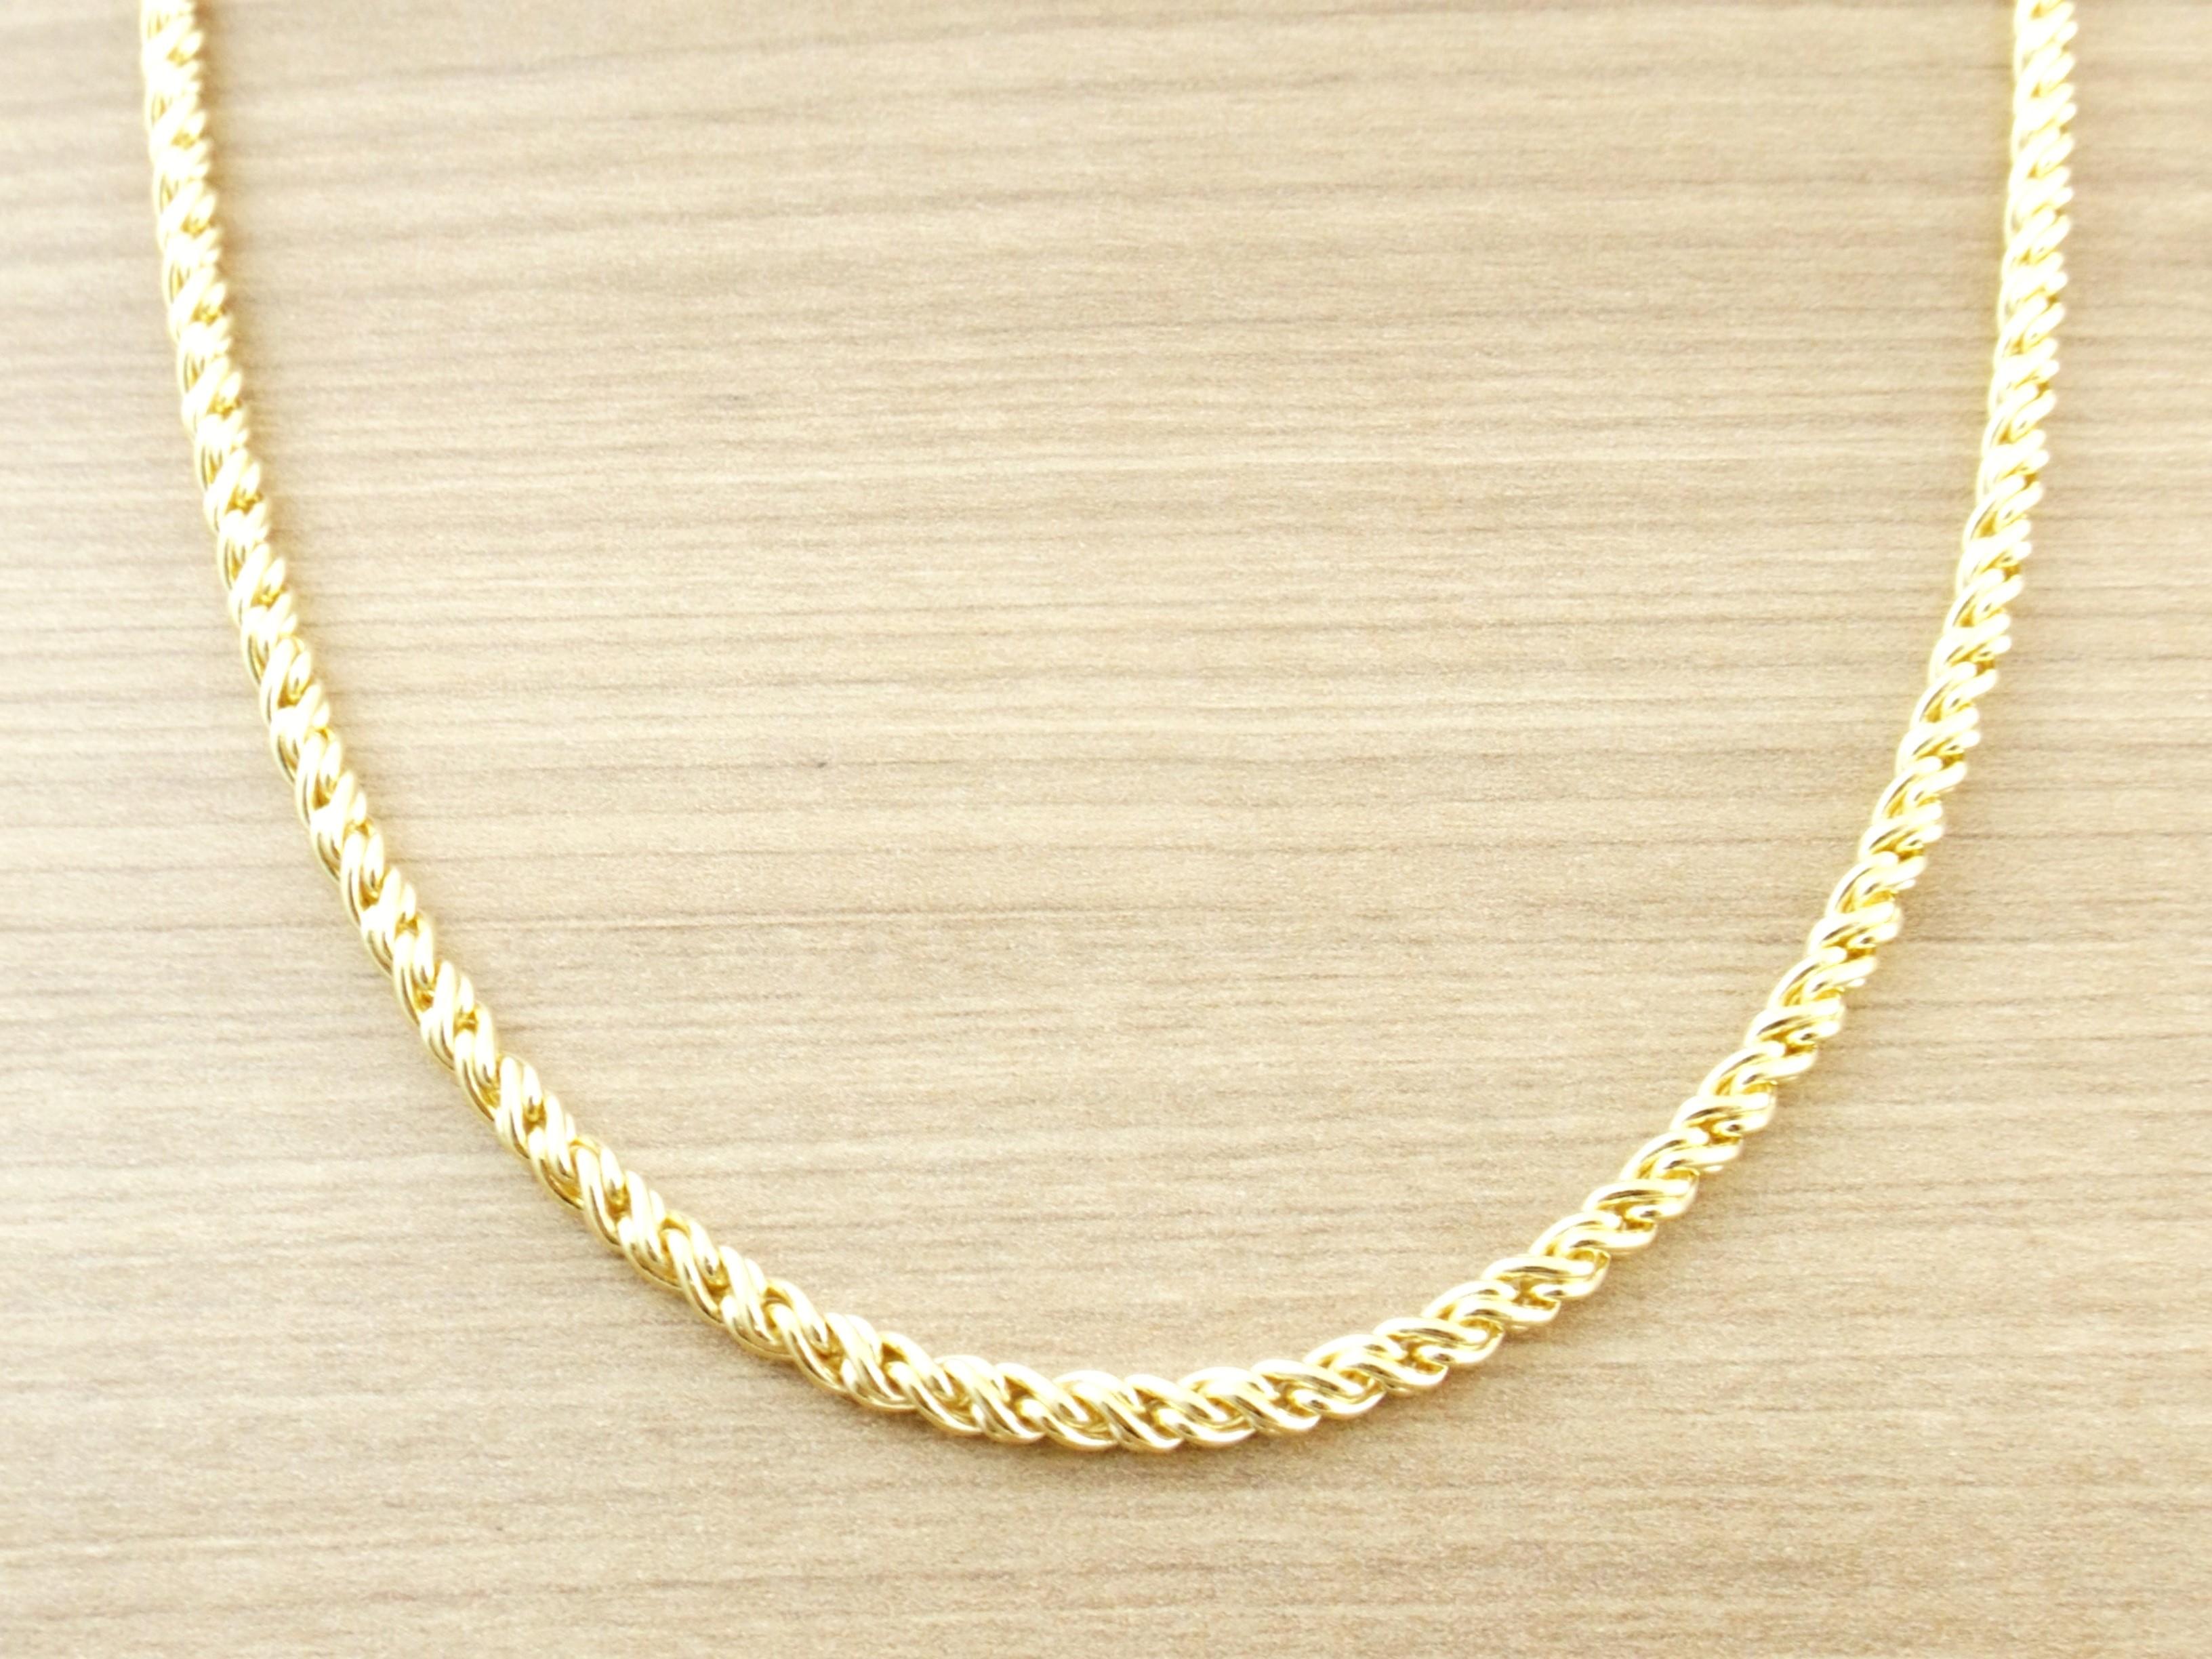 d42f80f24eb Cordao Corrente Cartier Ouro 18k 50cm